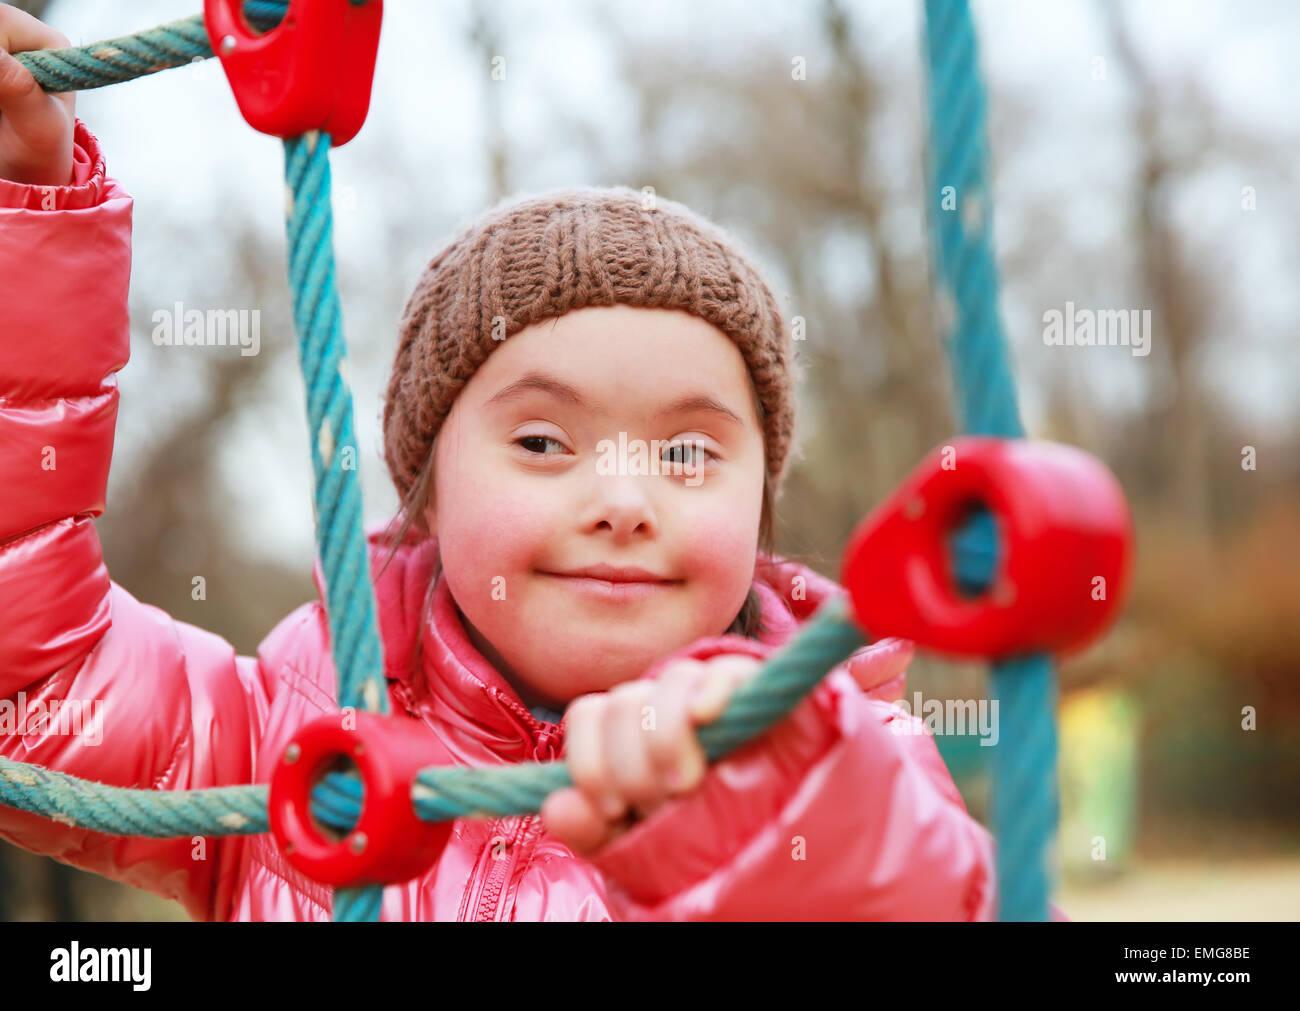 Porträt von schönen Mädchen auf dem Spielplatz Stockbild